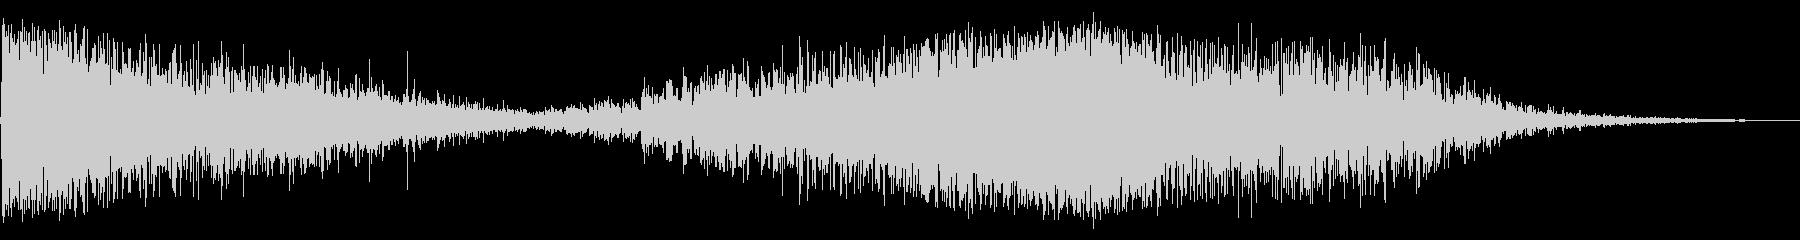 ホローグリッティインパクトアンドランブルの未再生の波形